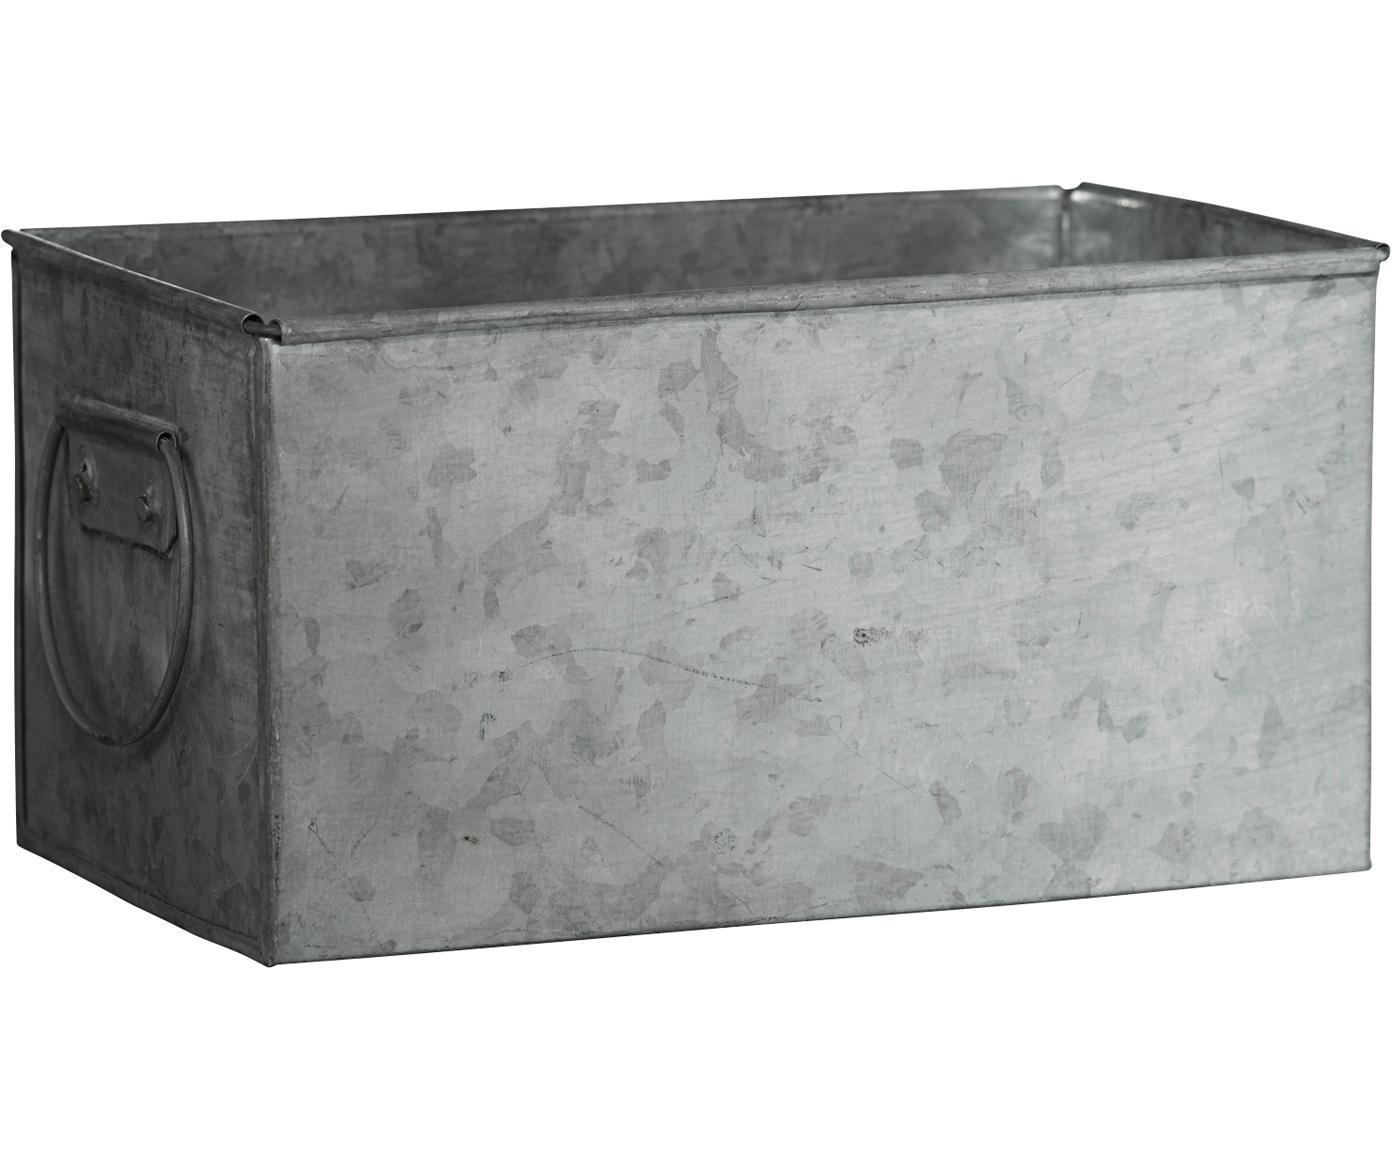 Übertopf Zintly, Metall, verzinkt, Zink, 17 x 9 cm